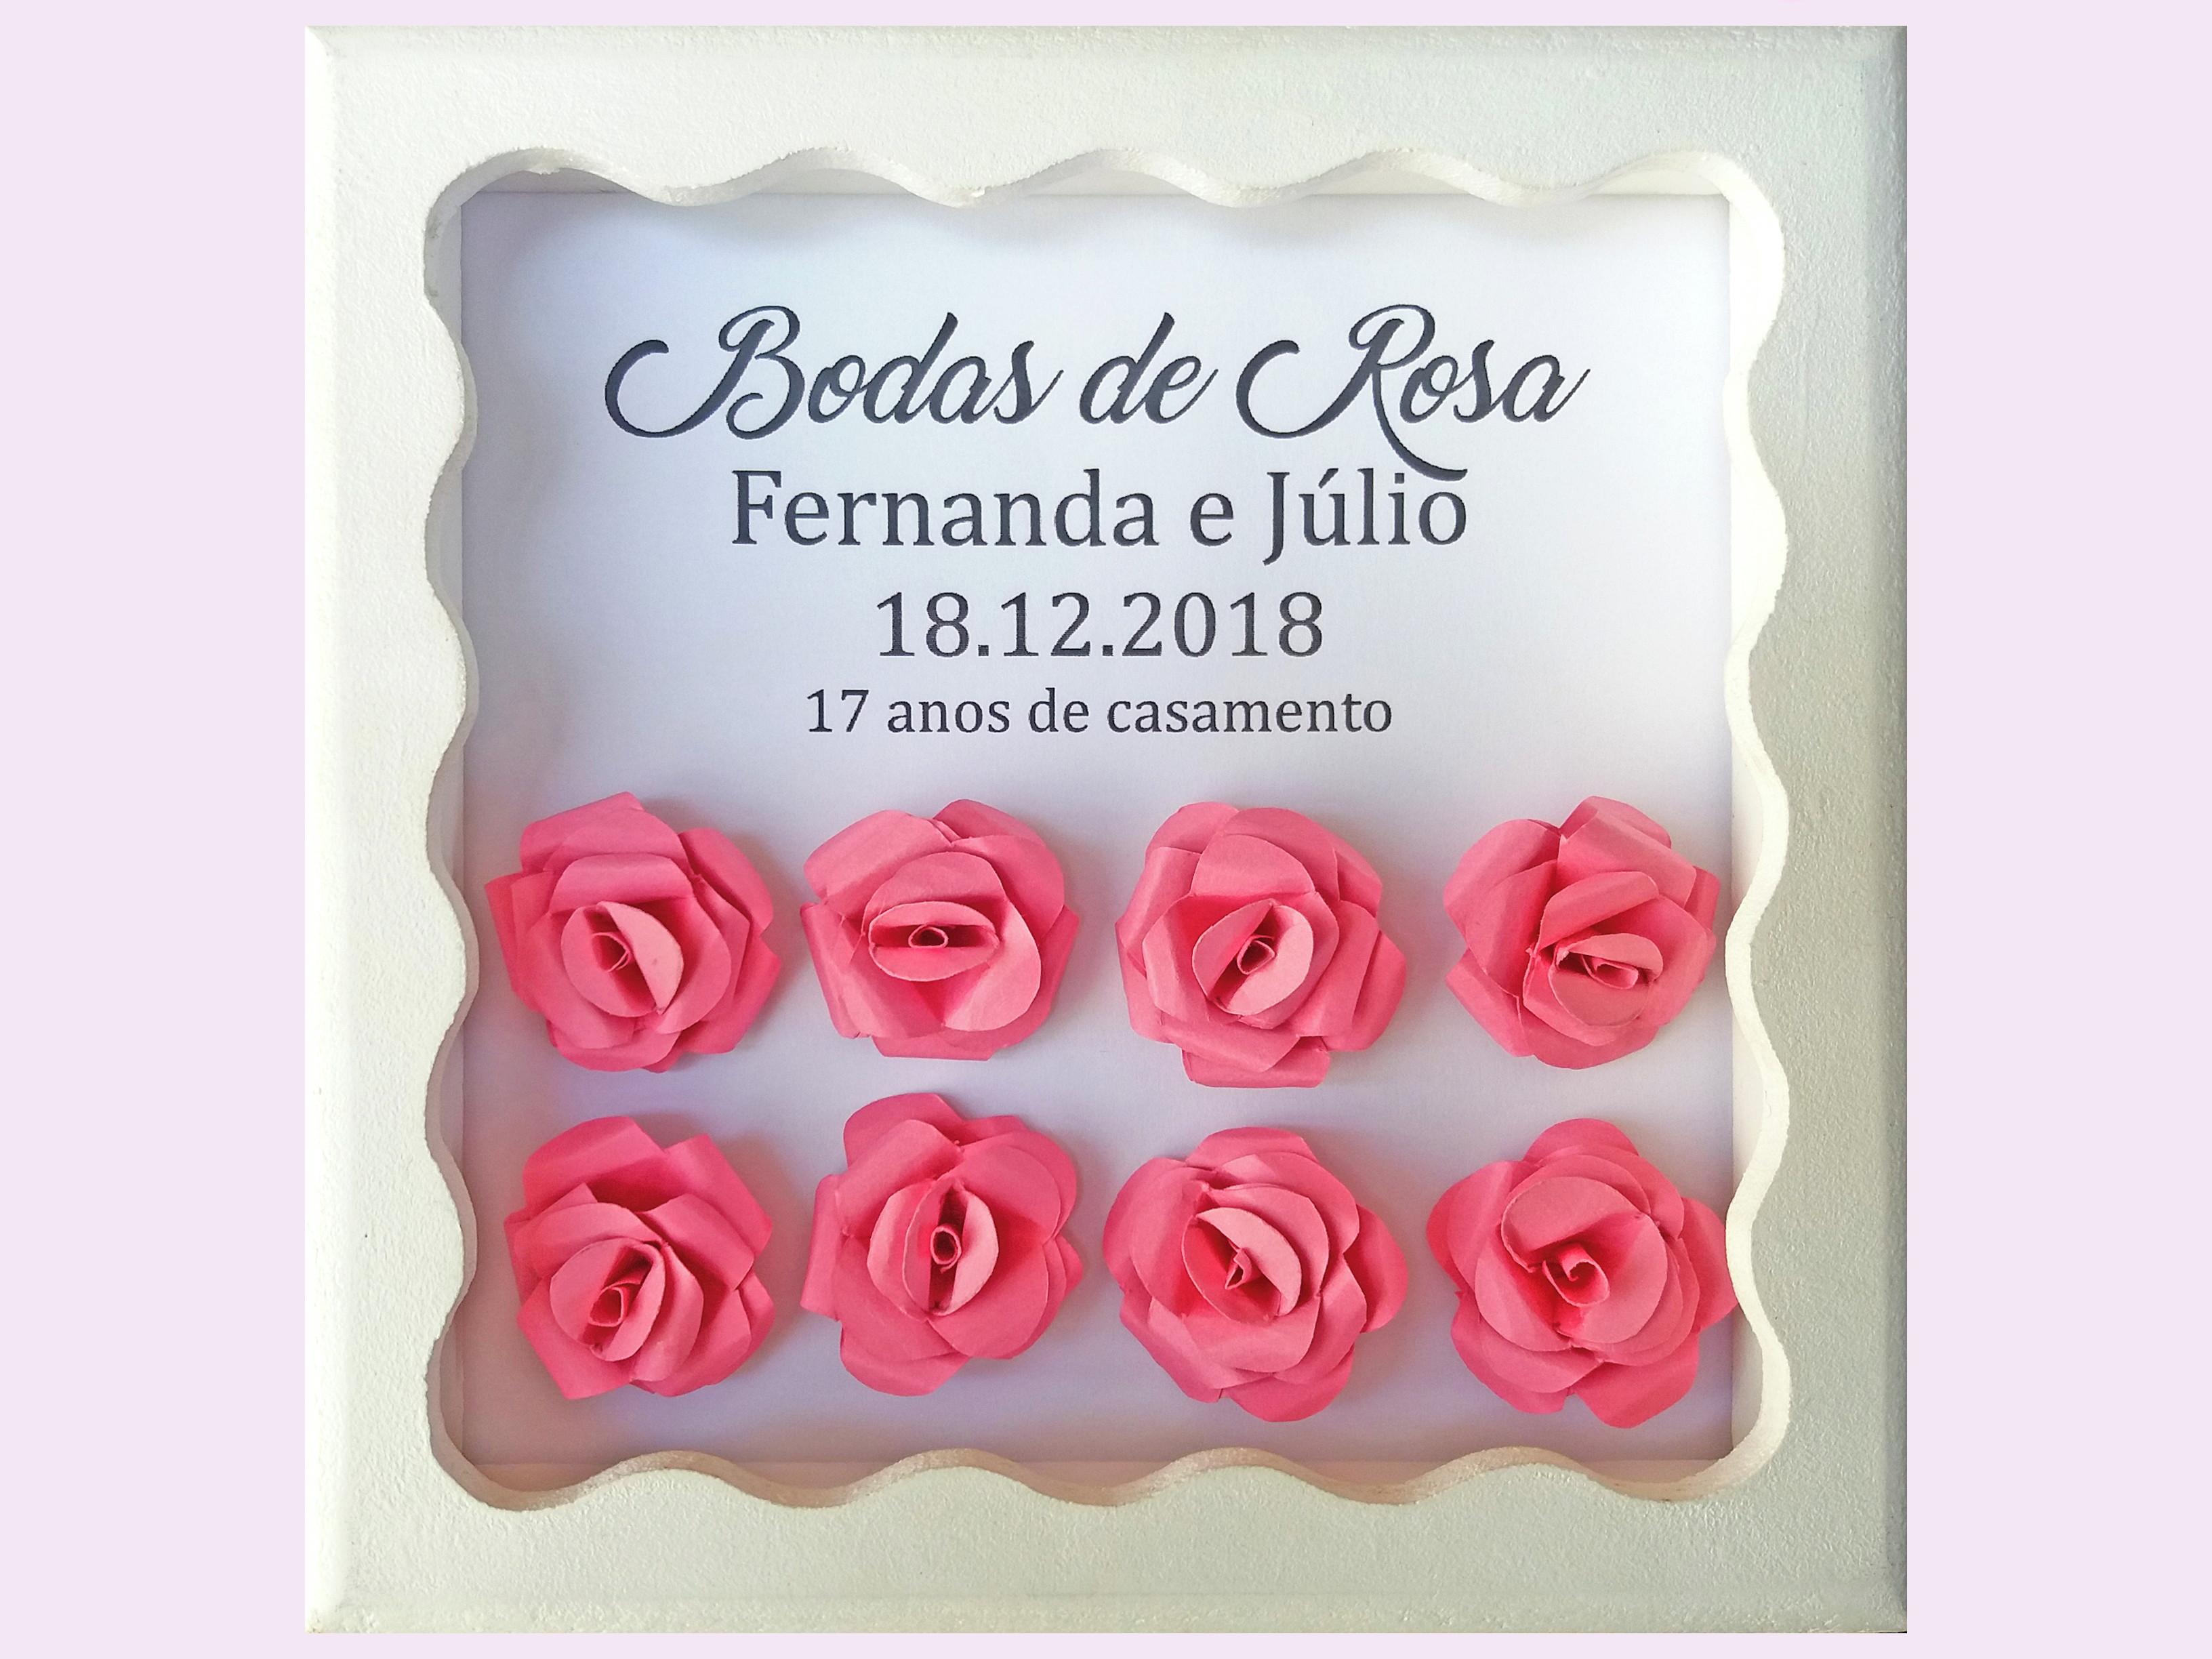 Bodas de Rosa